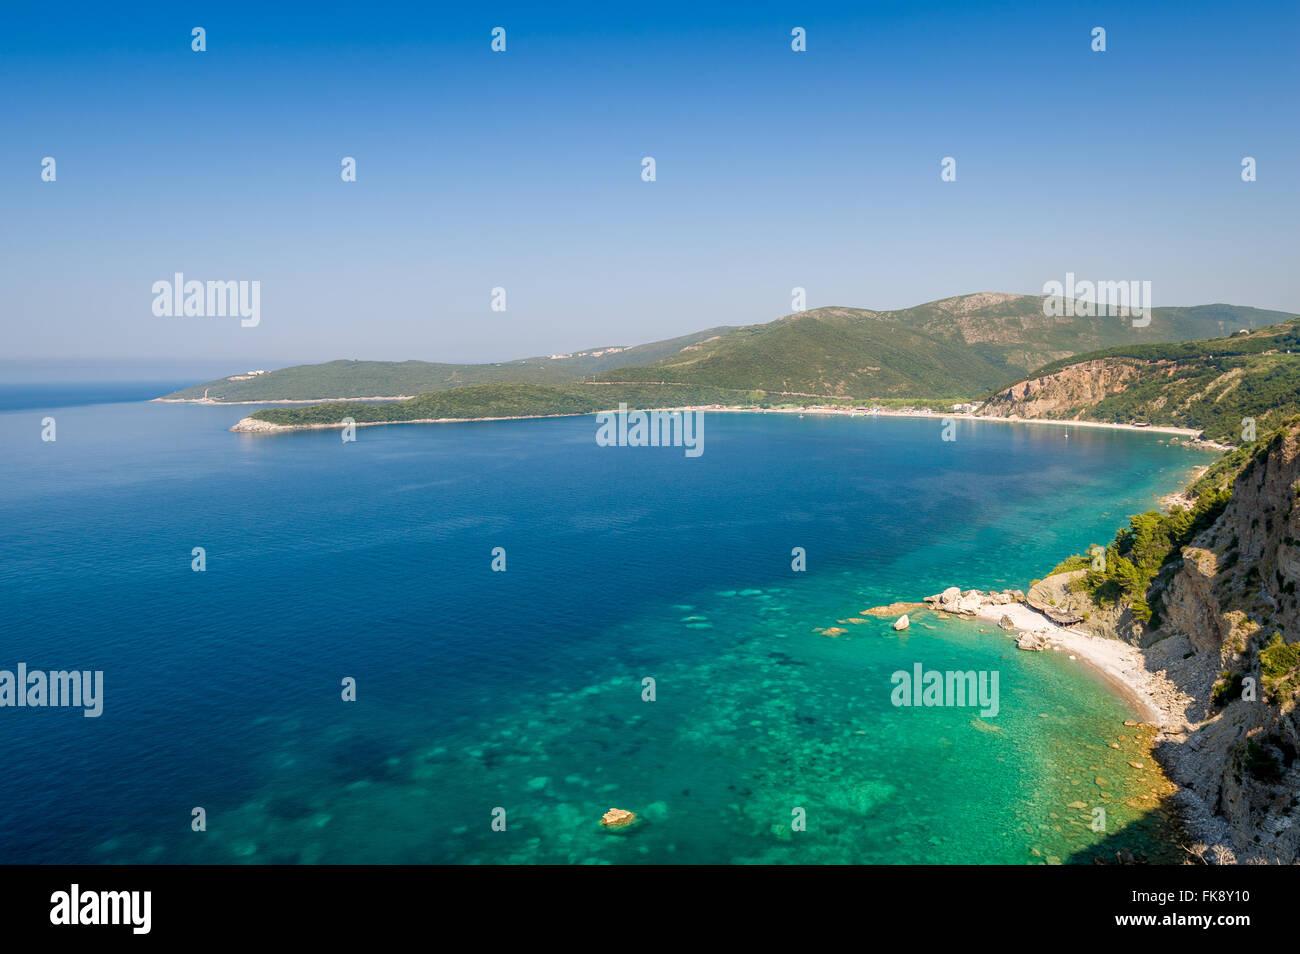 Adriatic turquoise sea shore landscape - Stock Image